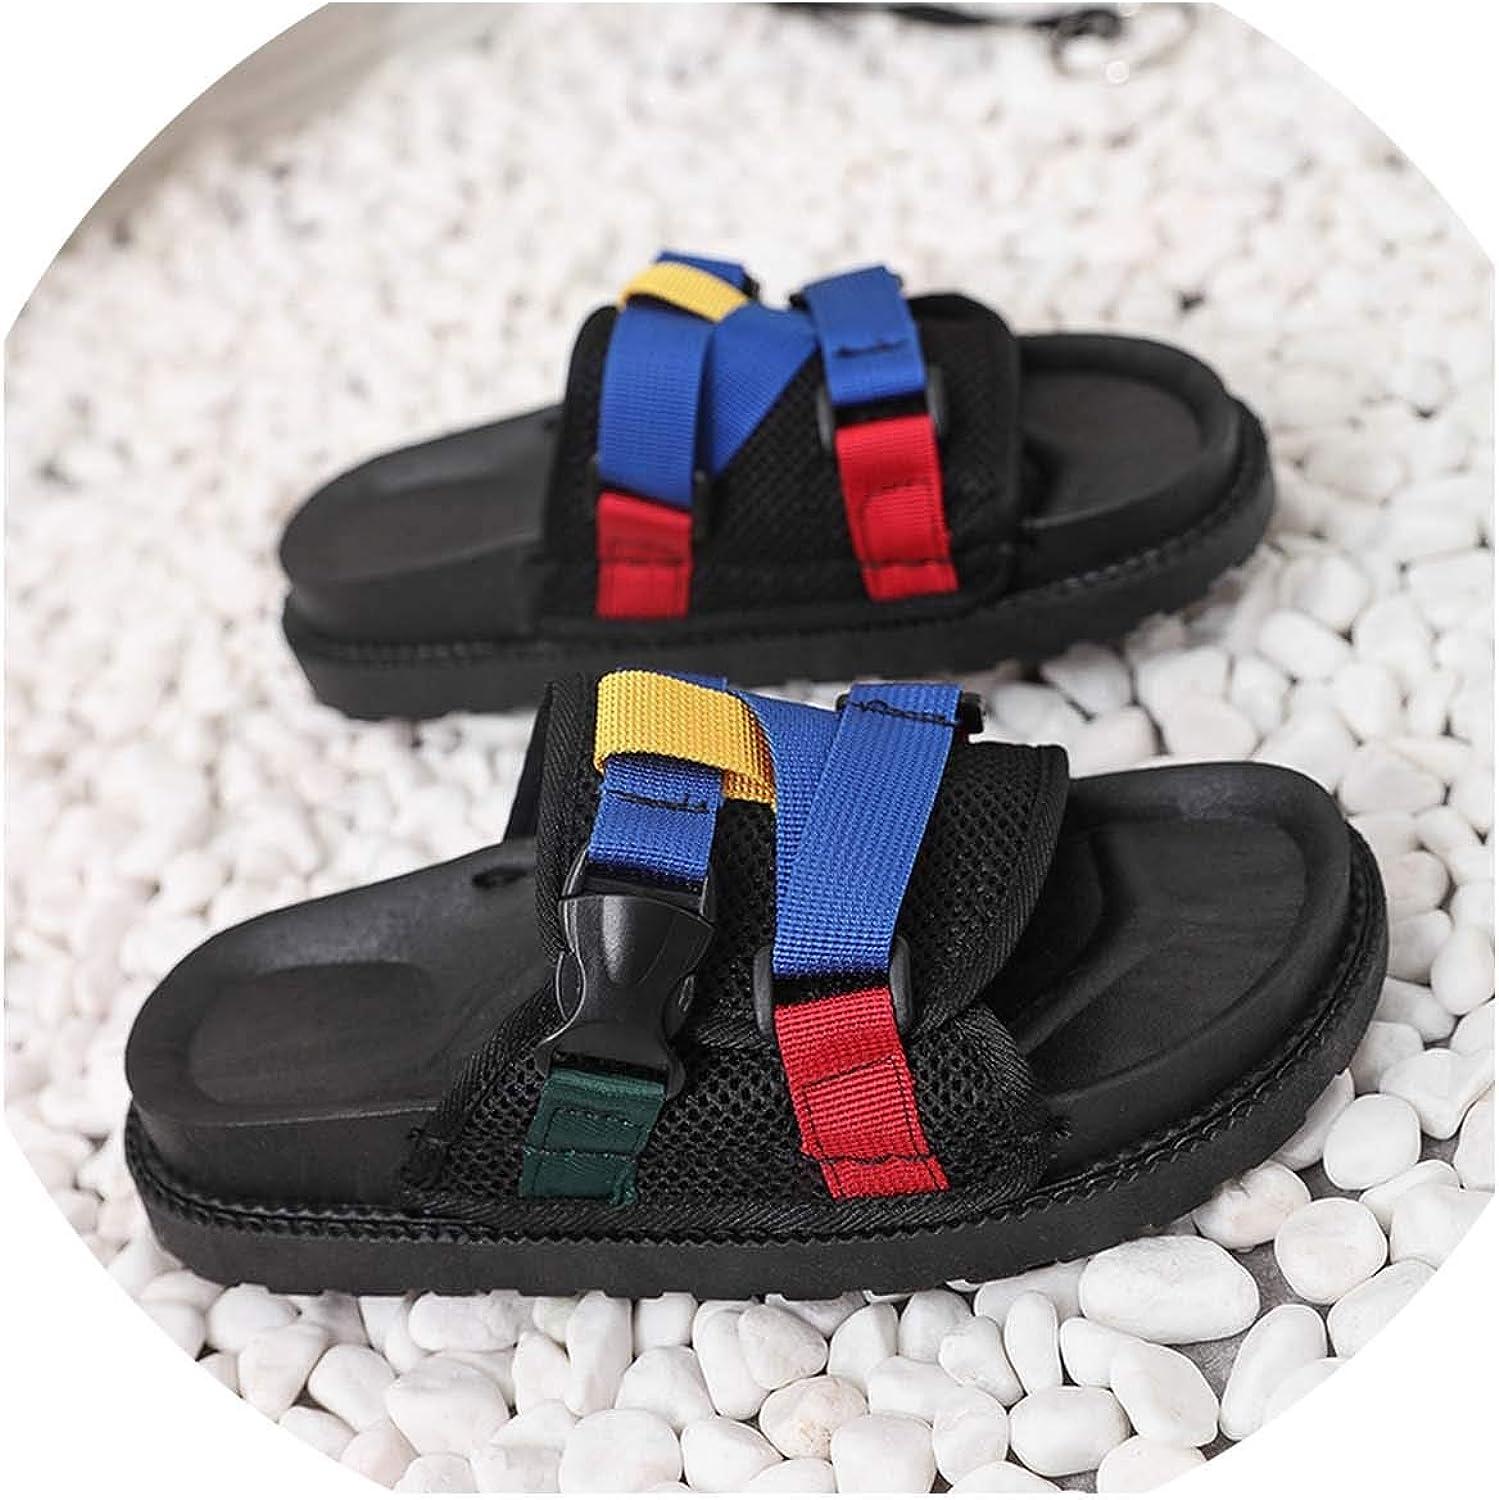 HuangKang Women's Sandals Slippers Summer Style Women's shoes Sandals Fashion Platform Women's Slippers